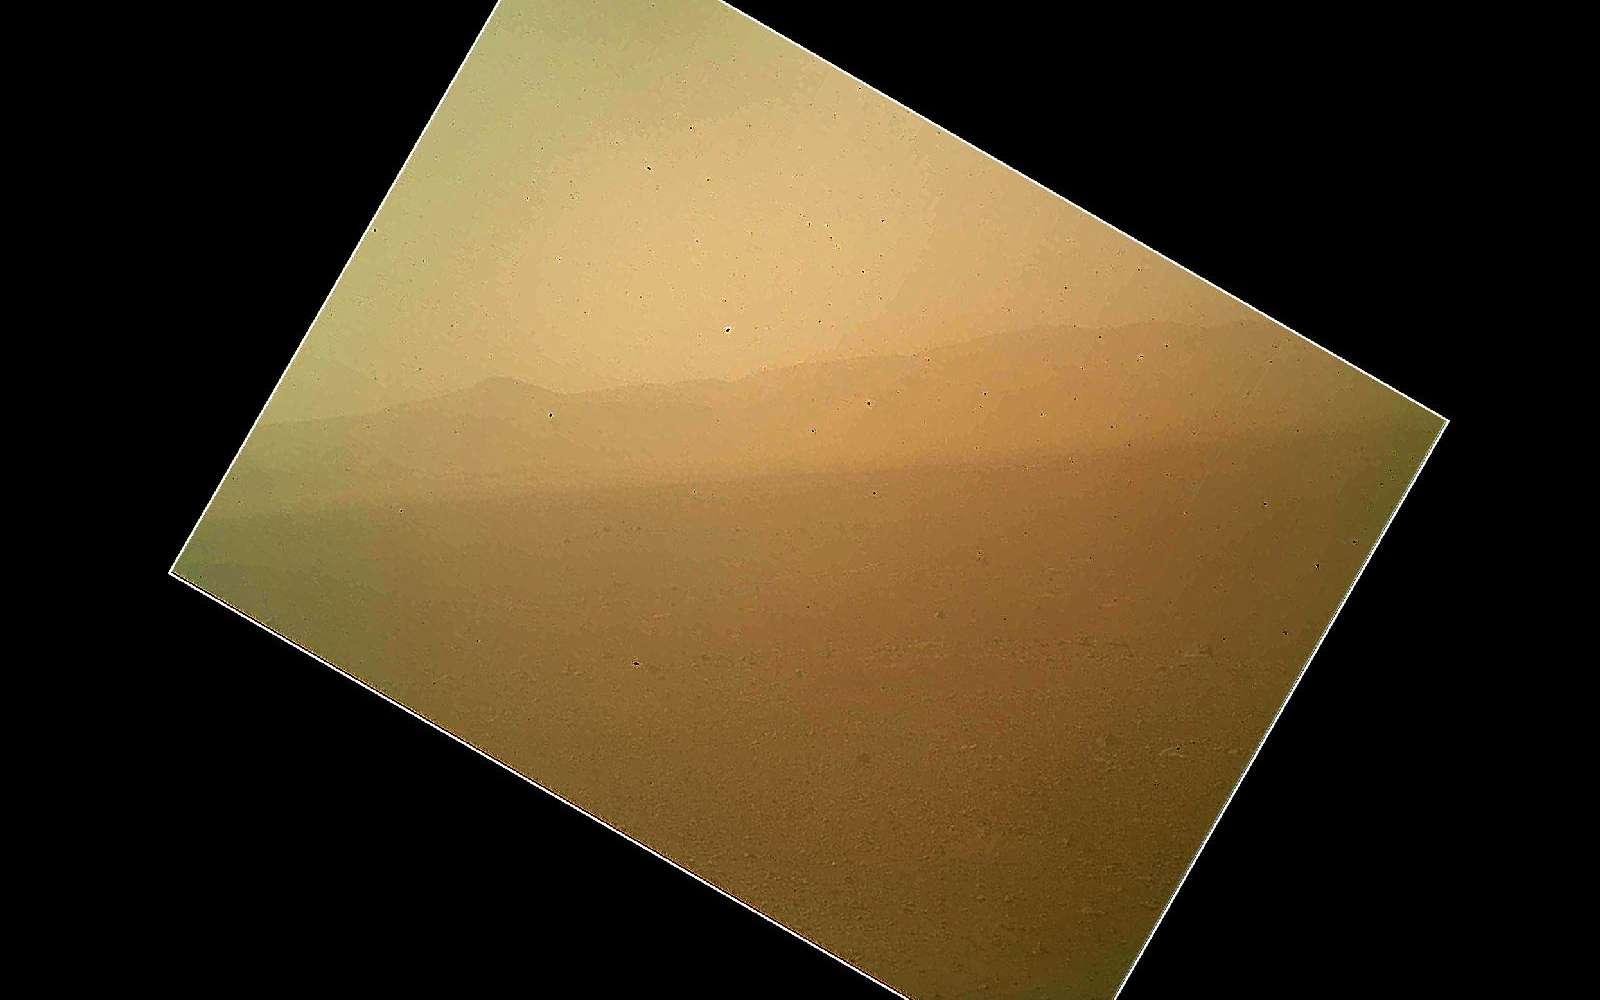 La photo ratée... Prise quelques heures après l'atterrissage par la caméra Mahli (Mars Hand Lens Imager), elle montre les parois, lointaines, du cratère Gale. Cet instrument est porté par le bras articulé, toujours en position repliée. Le flou de l'image vient de la poussière. Non, Curiosity ne s'est pas posé au milieu d'une tempête de sable. Cette poussière est celle qui s'est déposée sur le cache de l'objectif, toujours en place. Ce n'est pas un oubli, bien sûr. Transparent, il protège la caméra et permet, même fermé, ce genre de prise de vue. Quand Curiosity commencera à travailler et qu'il dépliera son bras, portant plusieurs instruments, ce cache sera retiré. © Nasa, JPL-Caltech, Malin Space Science Systems